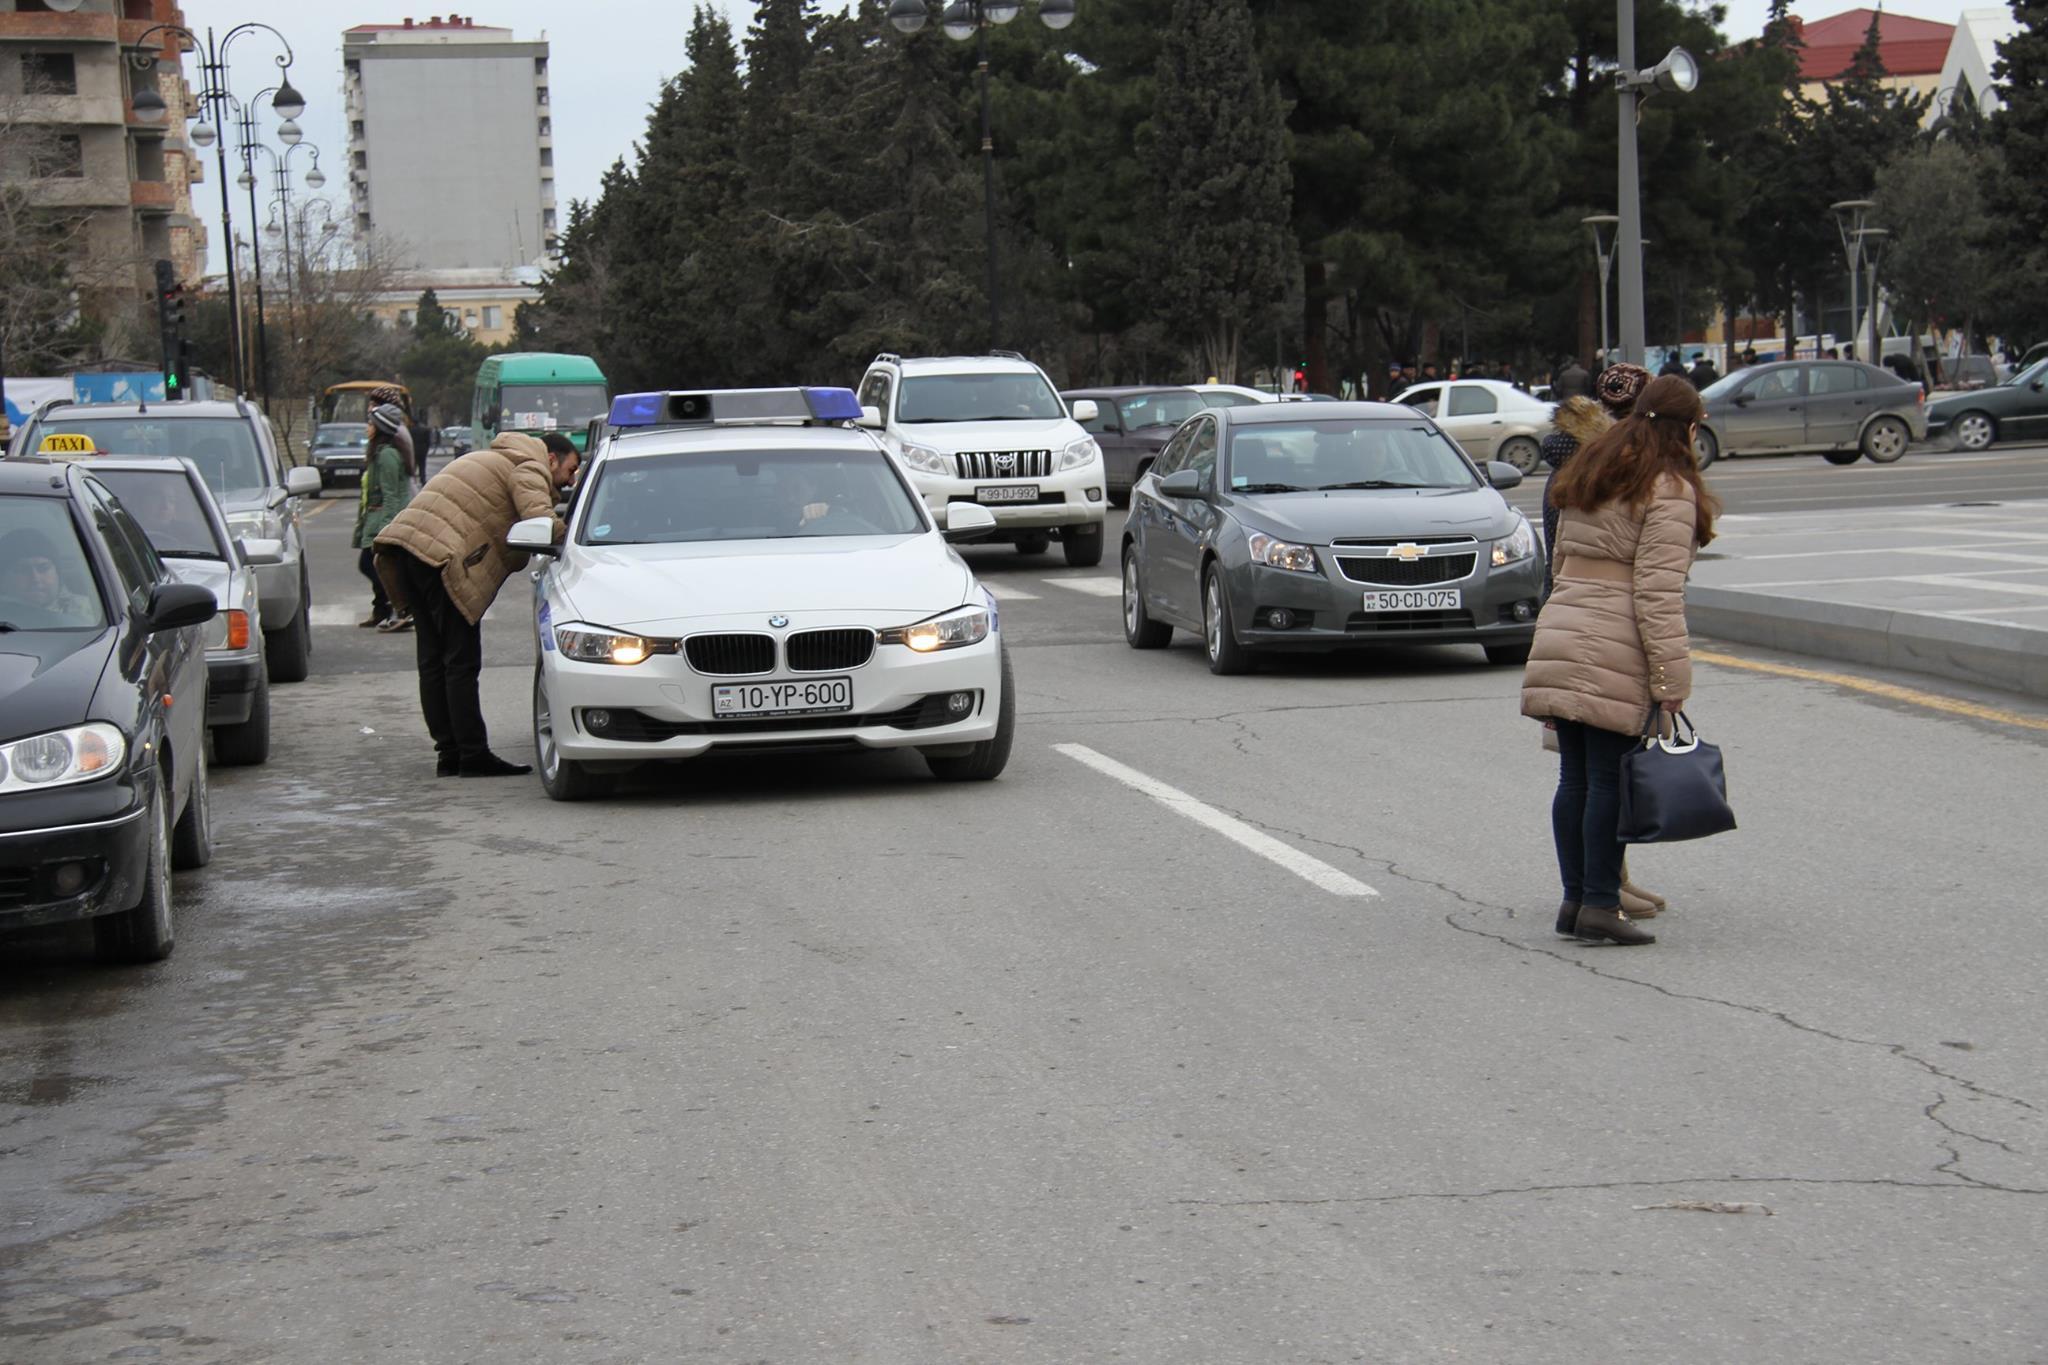 Sumqayıtda hansı yol polisi əməkdaşları yol hərəkəti qaydalarını pozur? - FOTOFAKT